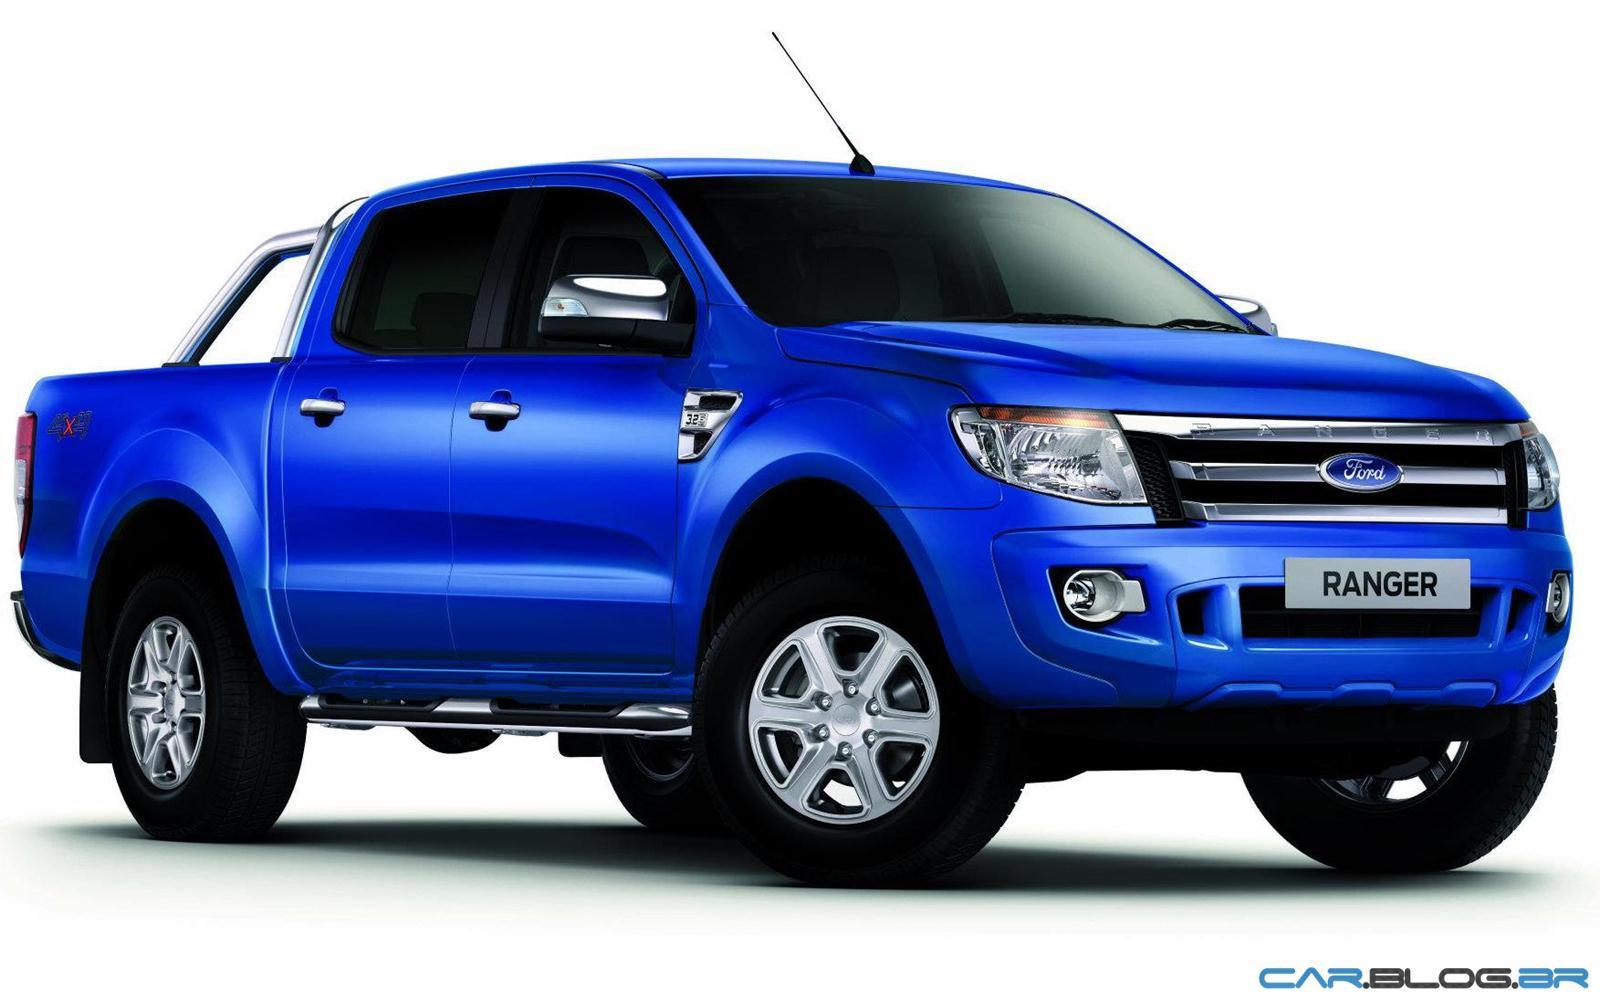 Nova-Ford-Ranger-2013-azul-2.jpg